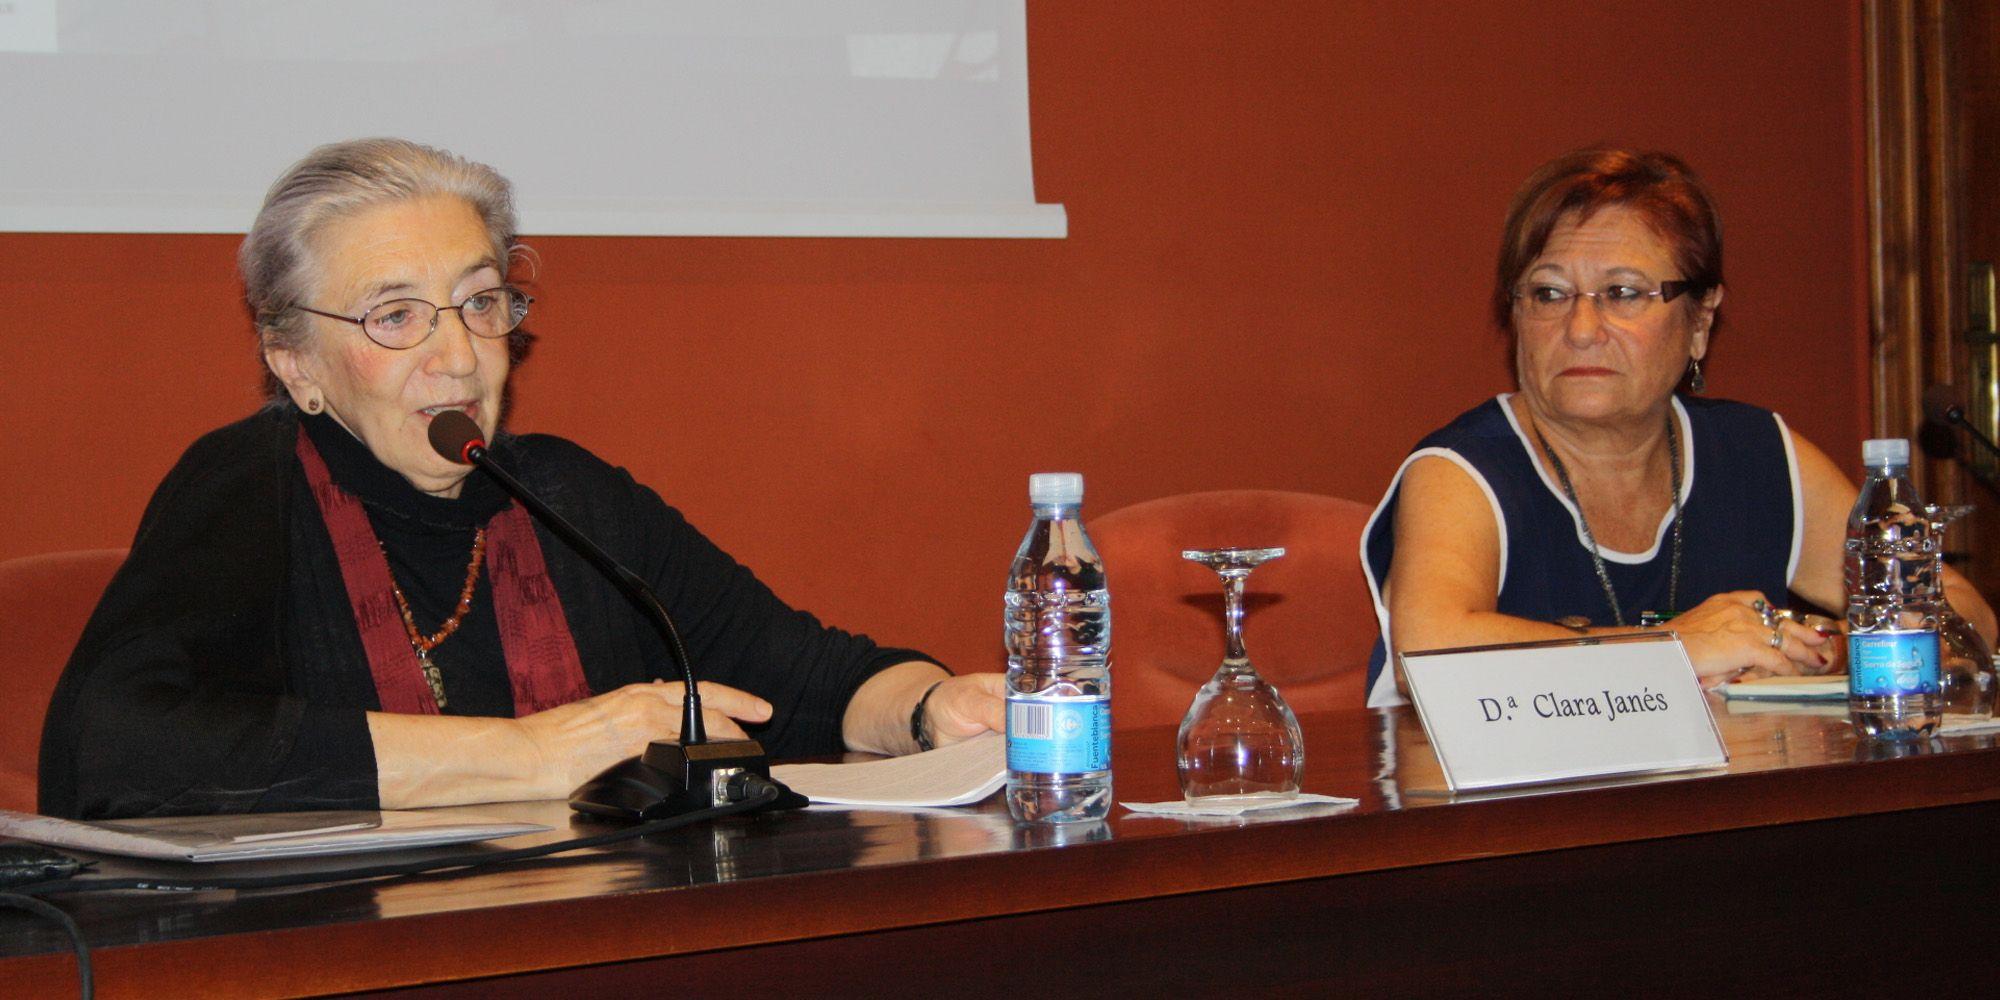 congreso_bonald_conferencia_clara_janes